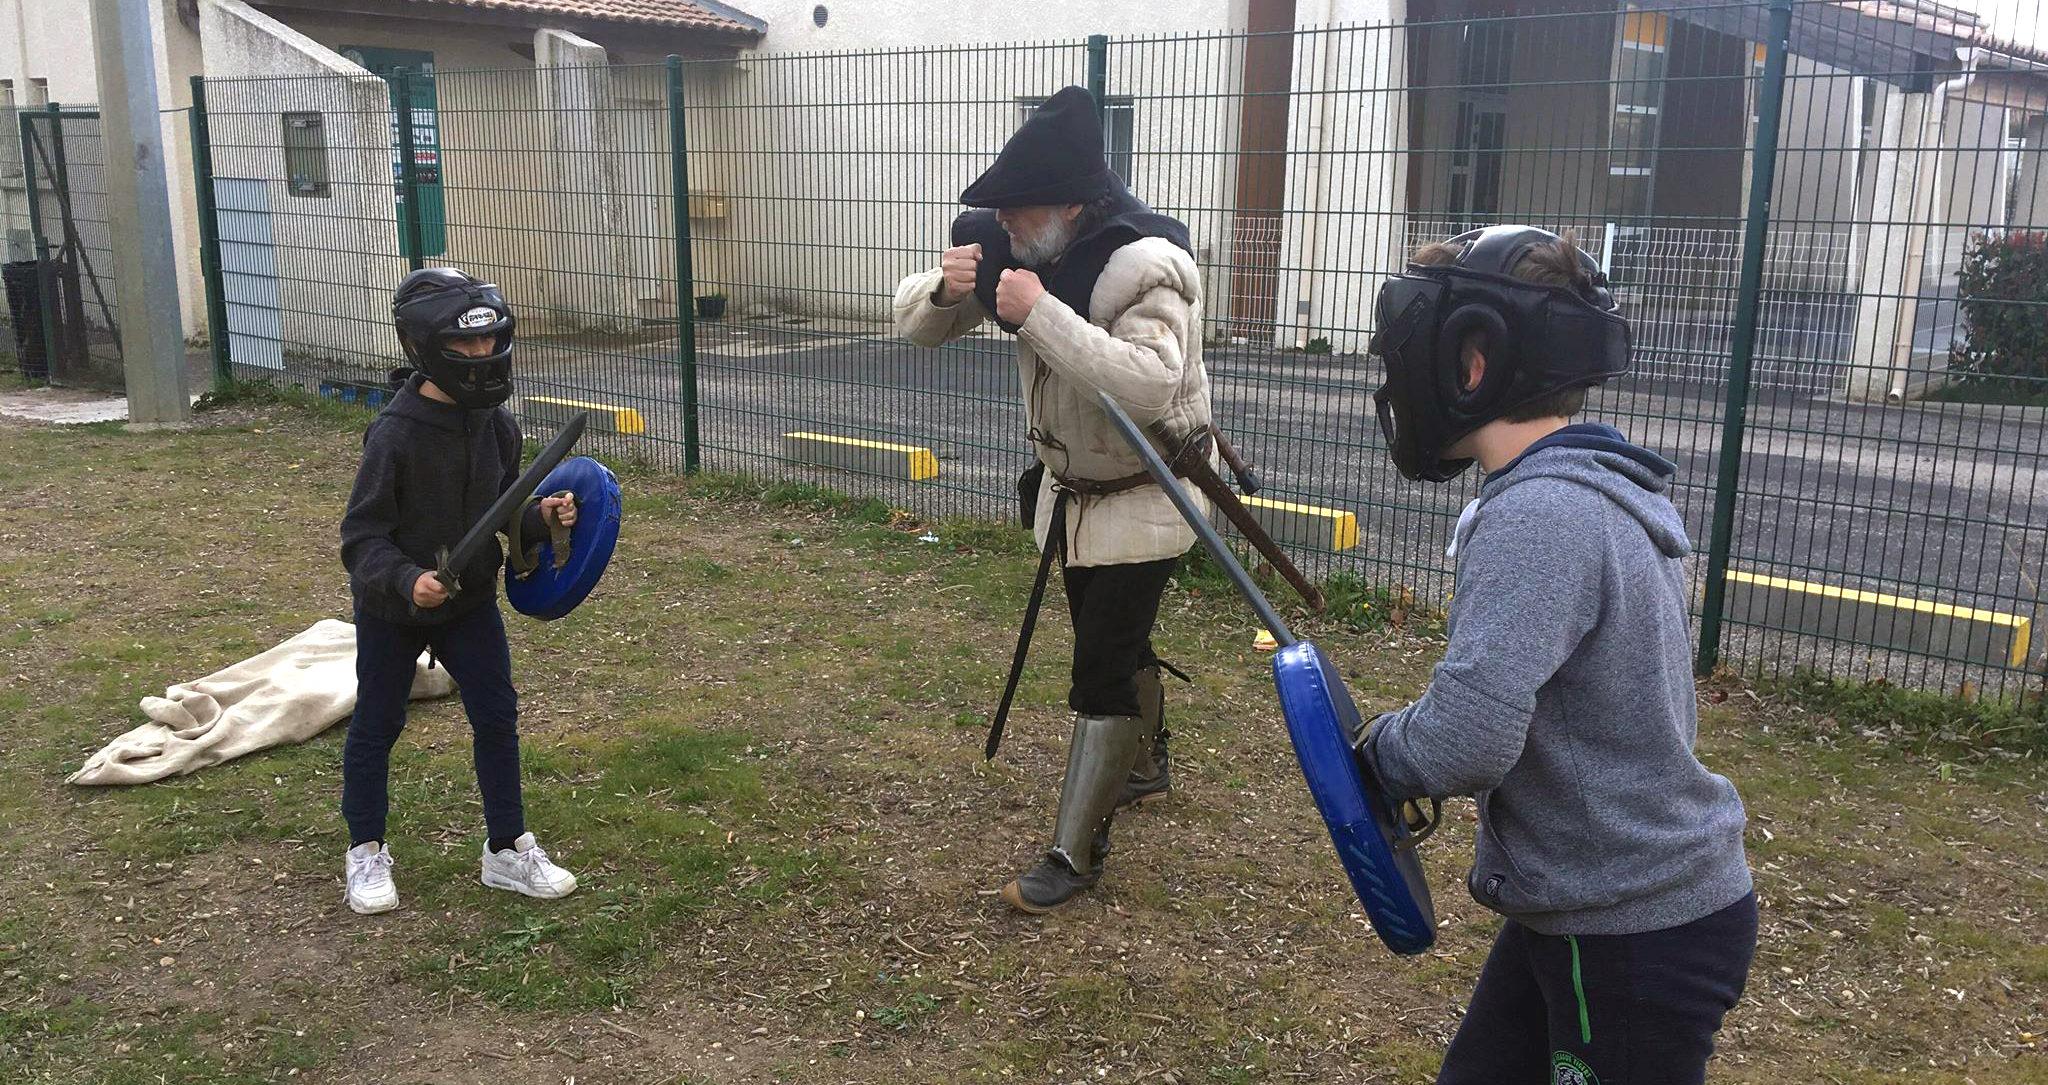 Initiation aux techniques de combat. Photo : Soizic Charles